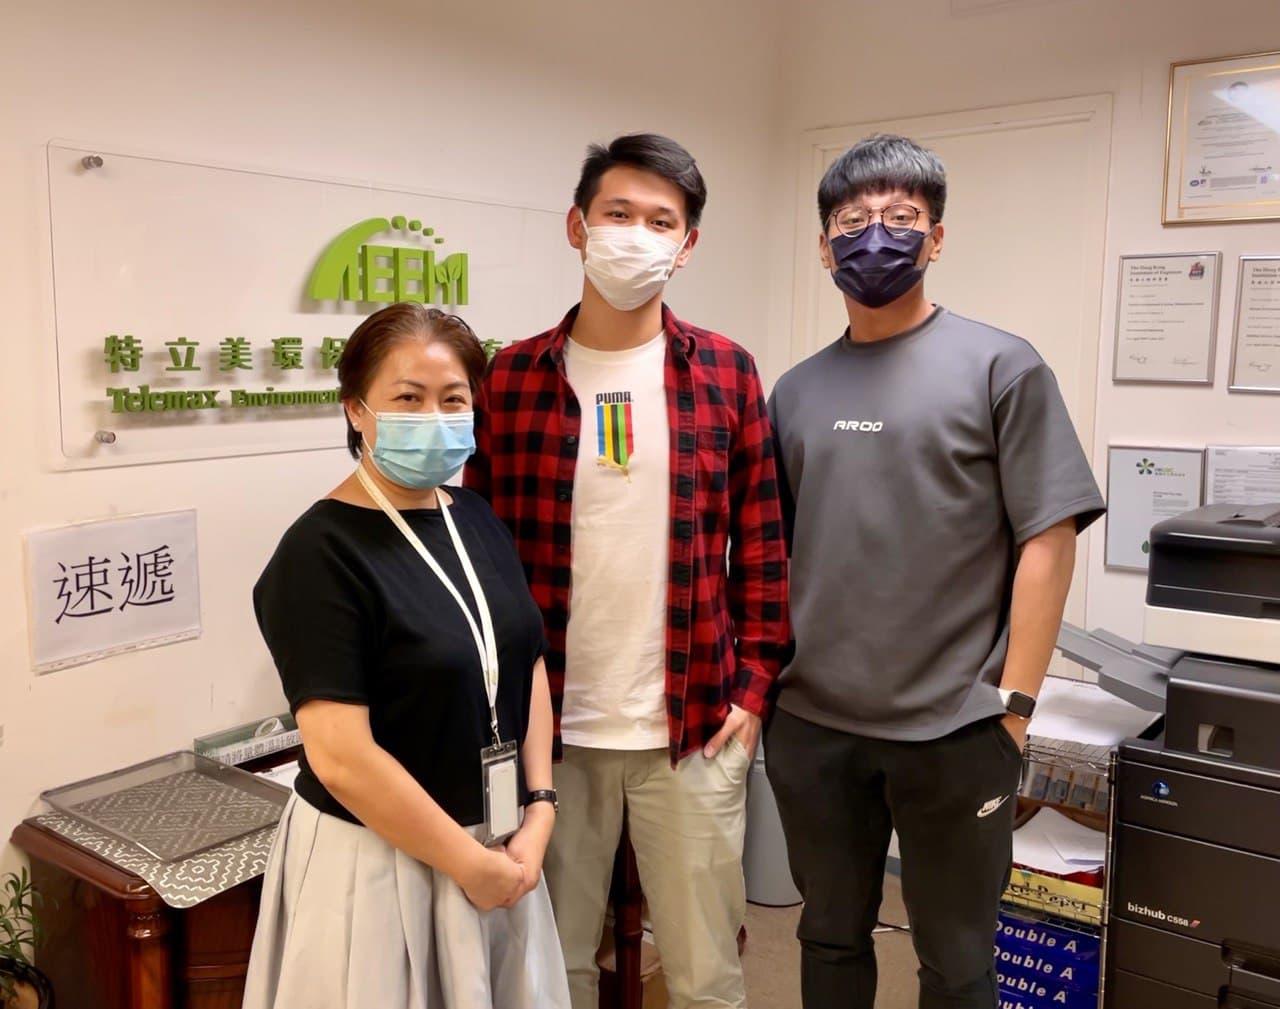 右起:Kenneth、Michael與特立美環保及能源管理 有限公司創辦人兼董事總經理巫翔鷹合照。